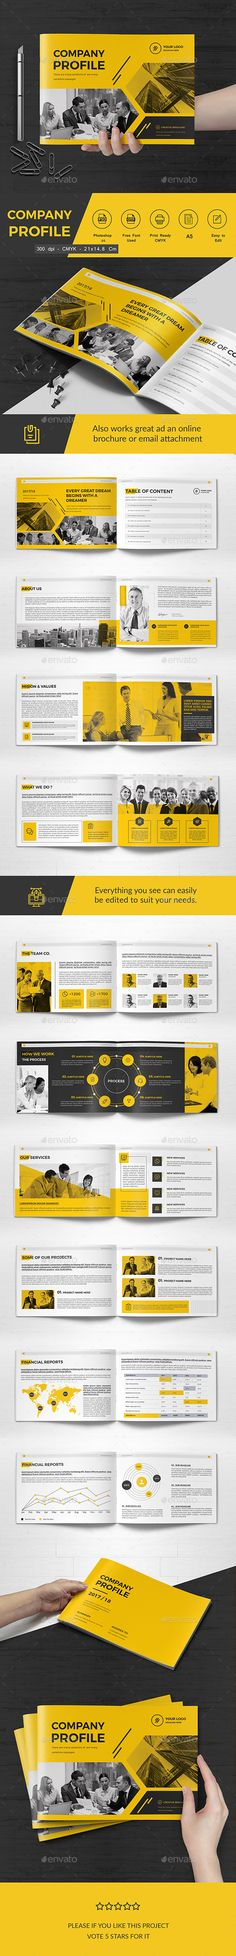 Co Landscape Brochure 22 Pages — Photoshop PSD #profile #mondoo • Download ➝ https://graphicriver.net/item/co-landscape-brochure-22-pages/20131088?ref=pxcr